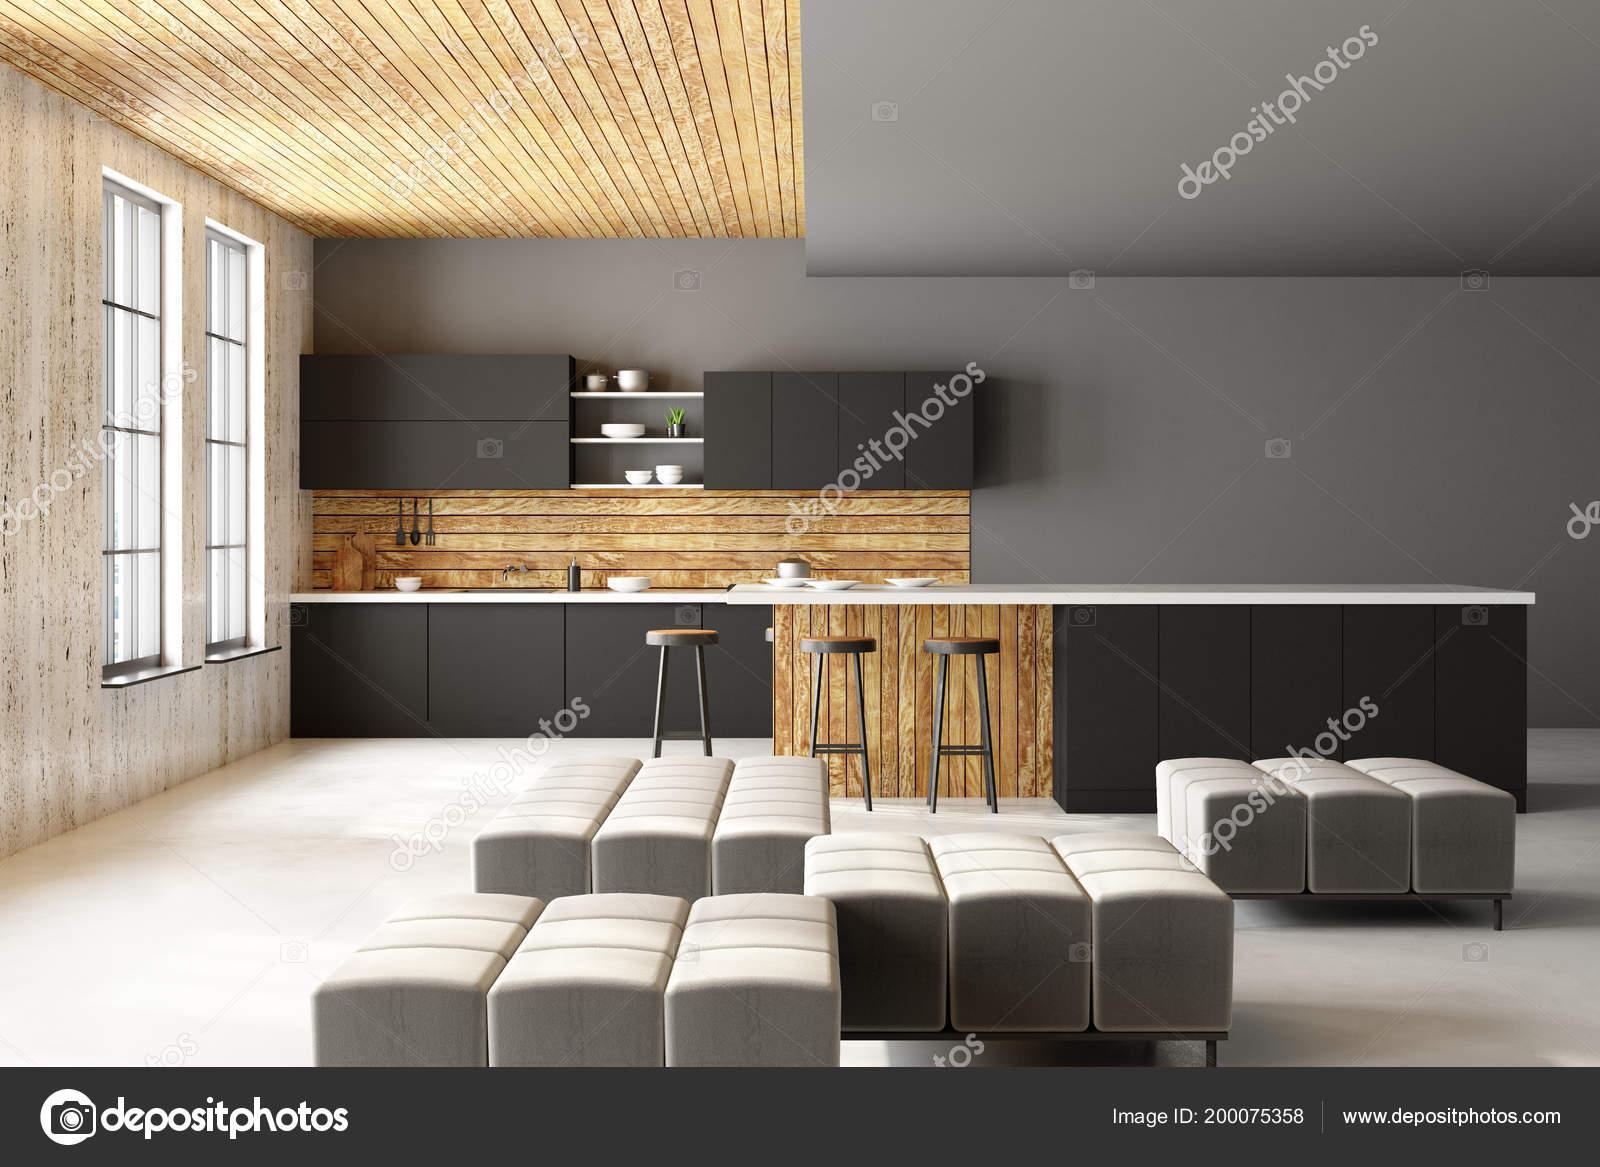 Loft Küche   Moderne Loft Kuche Interieur Mit Mobel Gerate Blick Auf Die